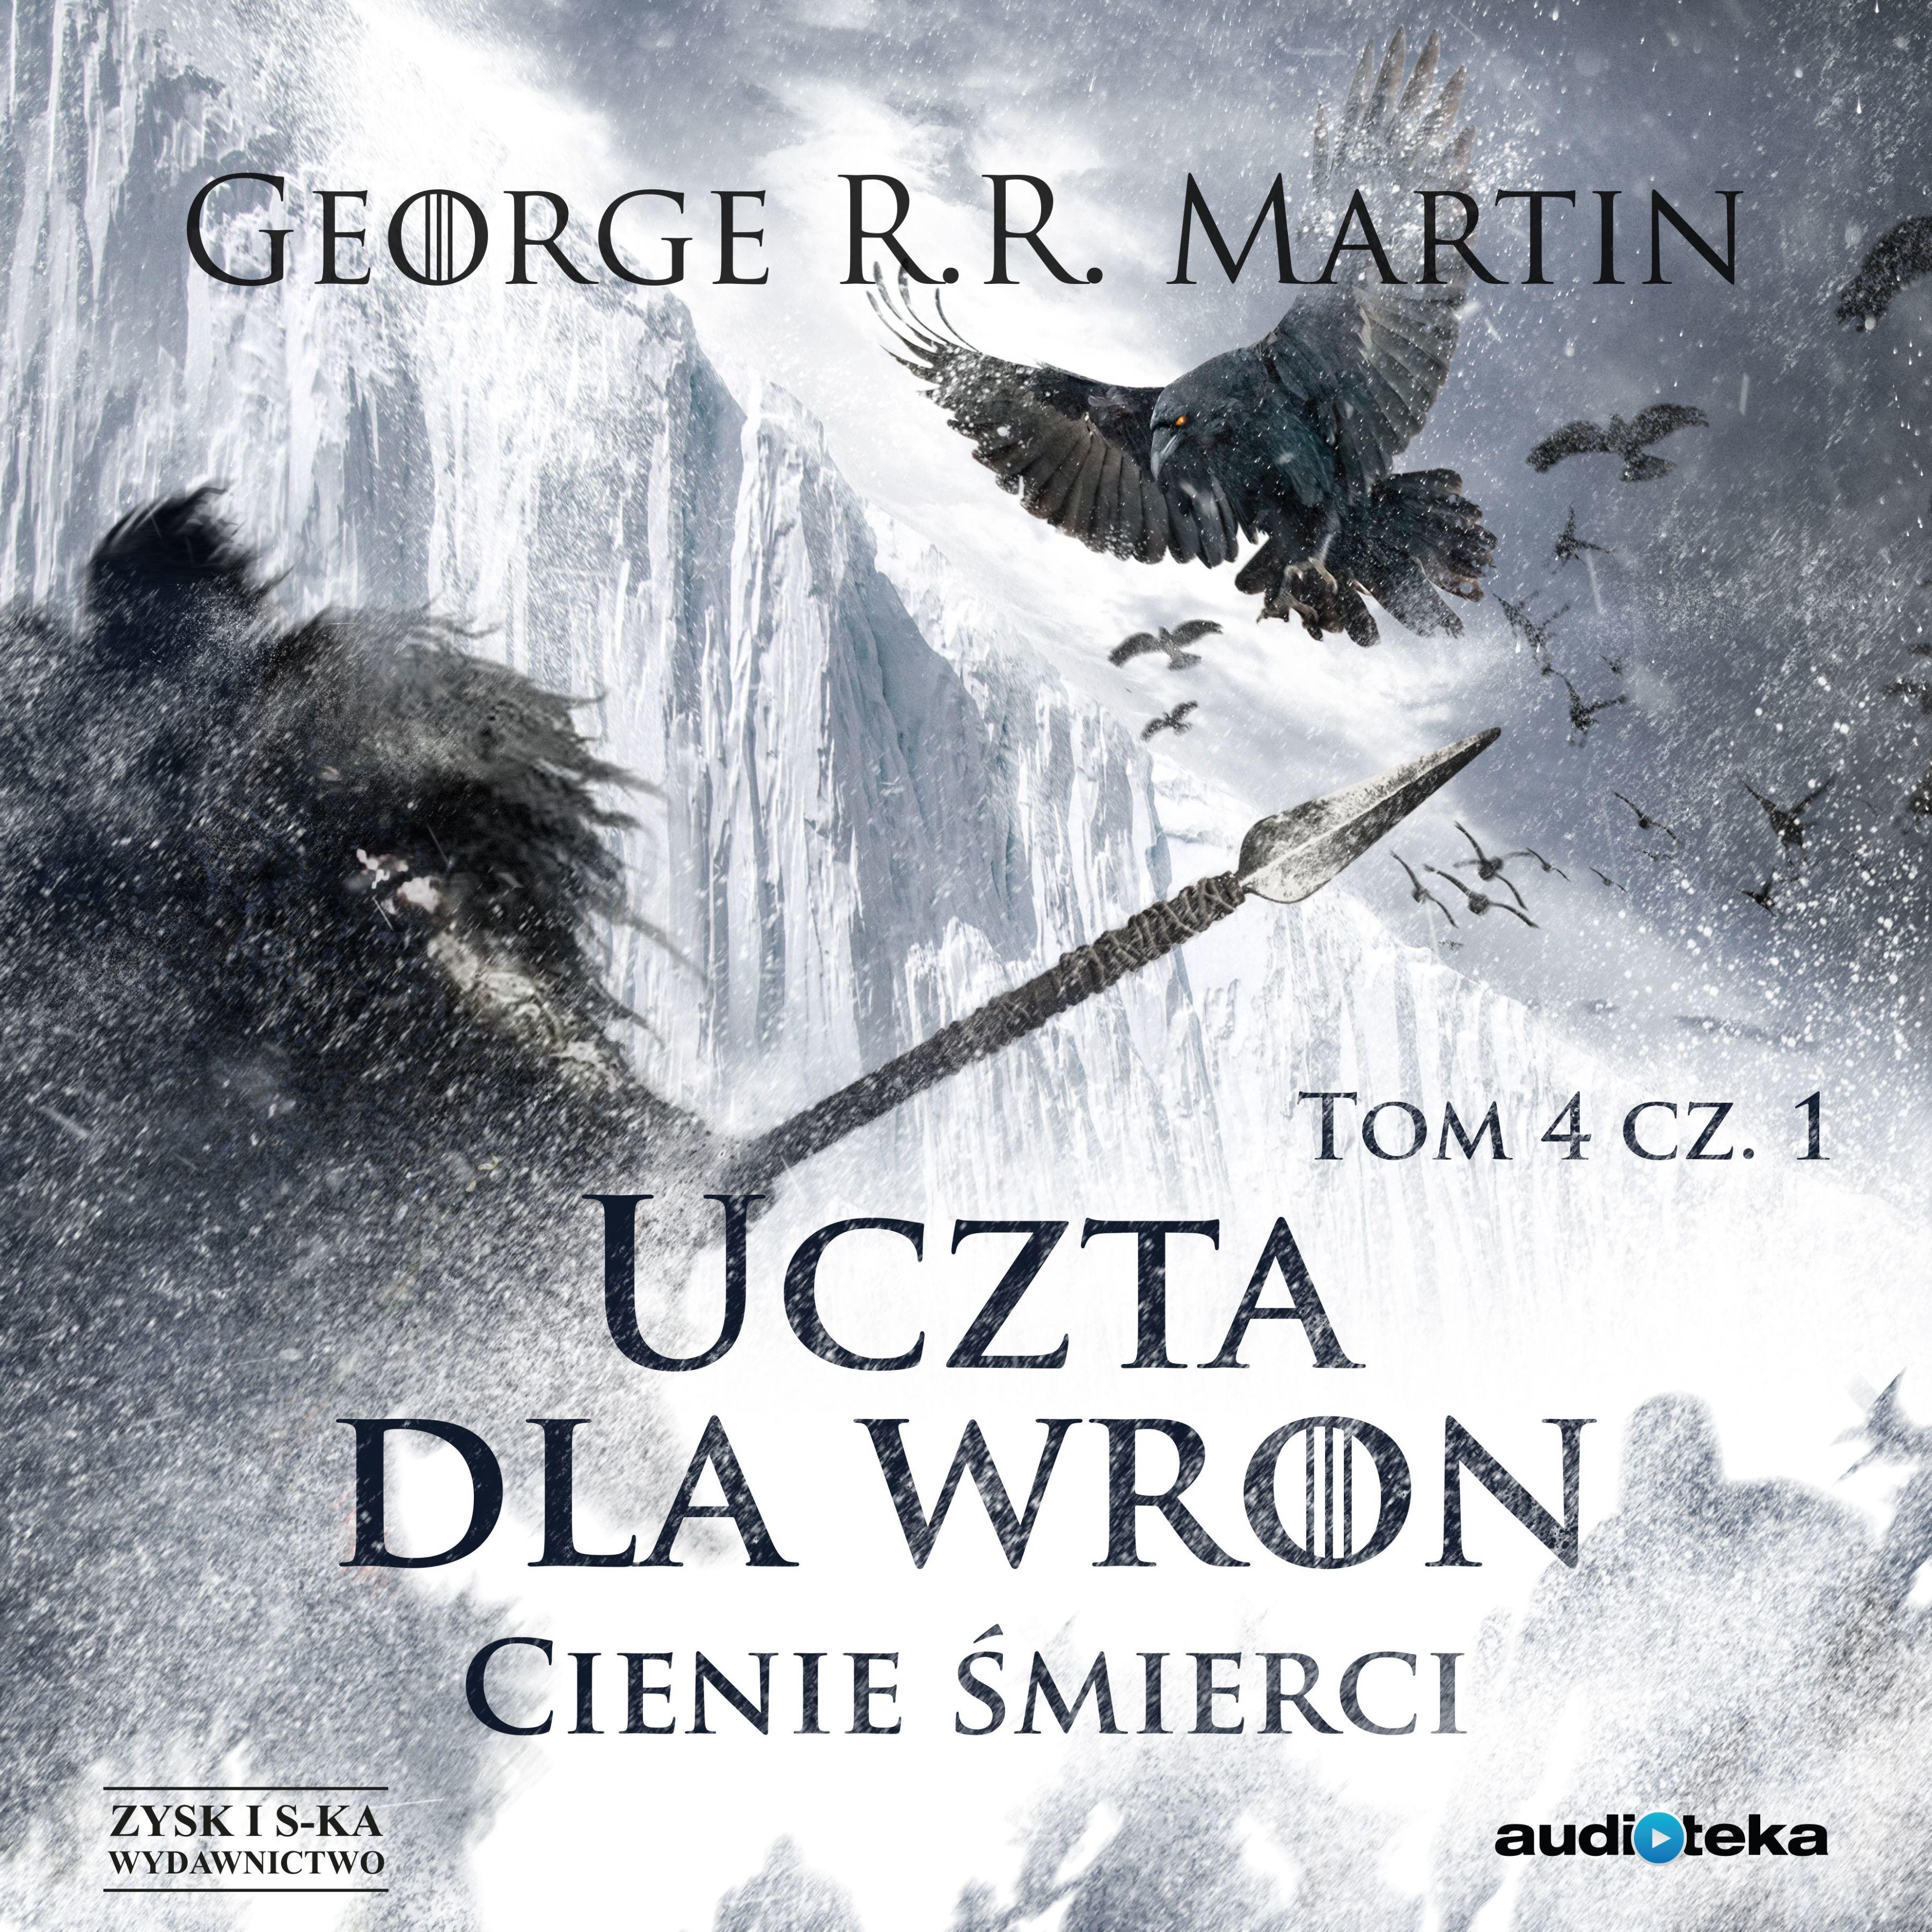 Uczta dla wron: Cienie śmierci - George R.R. Martin - audiobook